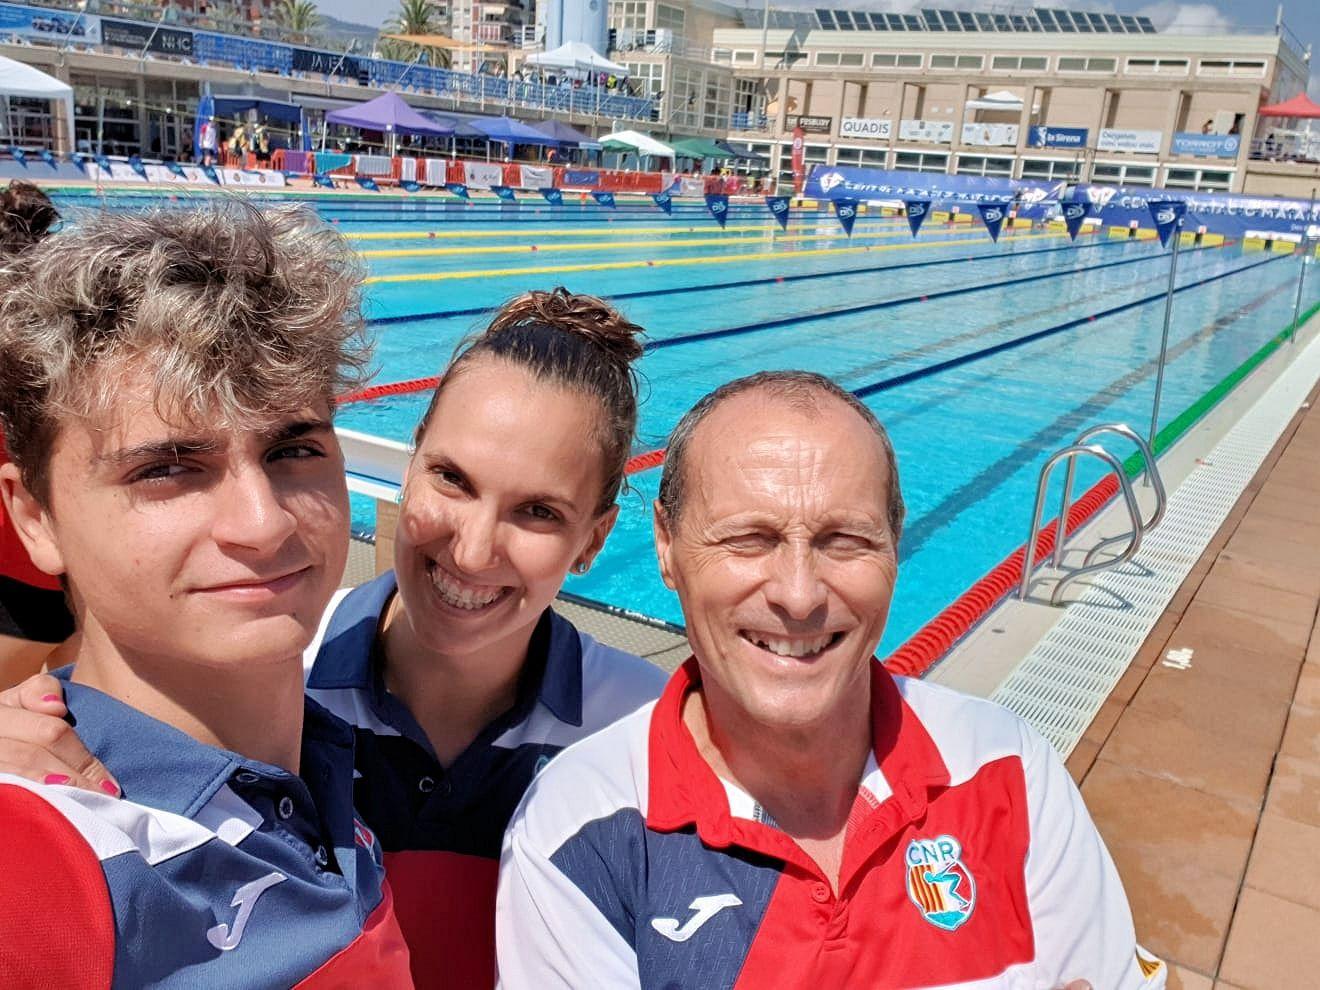 La secció de natació acaba la temporada amb bons resultats al Campionat de Catalunya d'Estiu Júnior OPEN